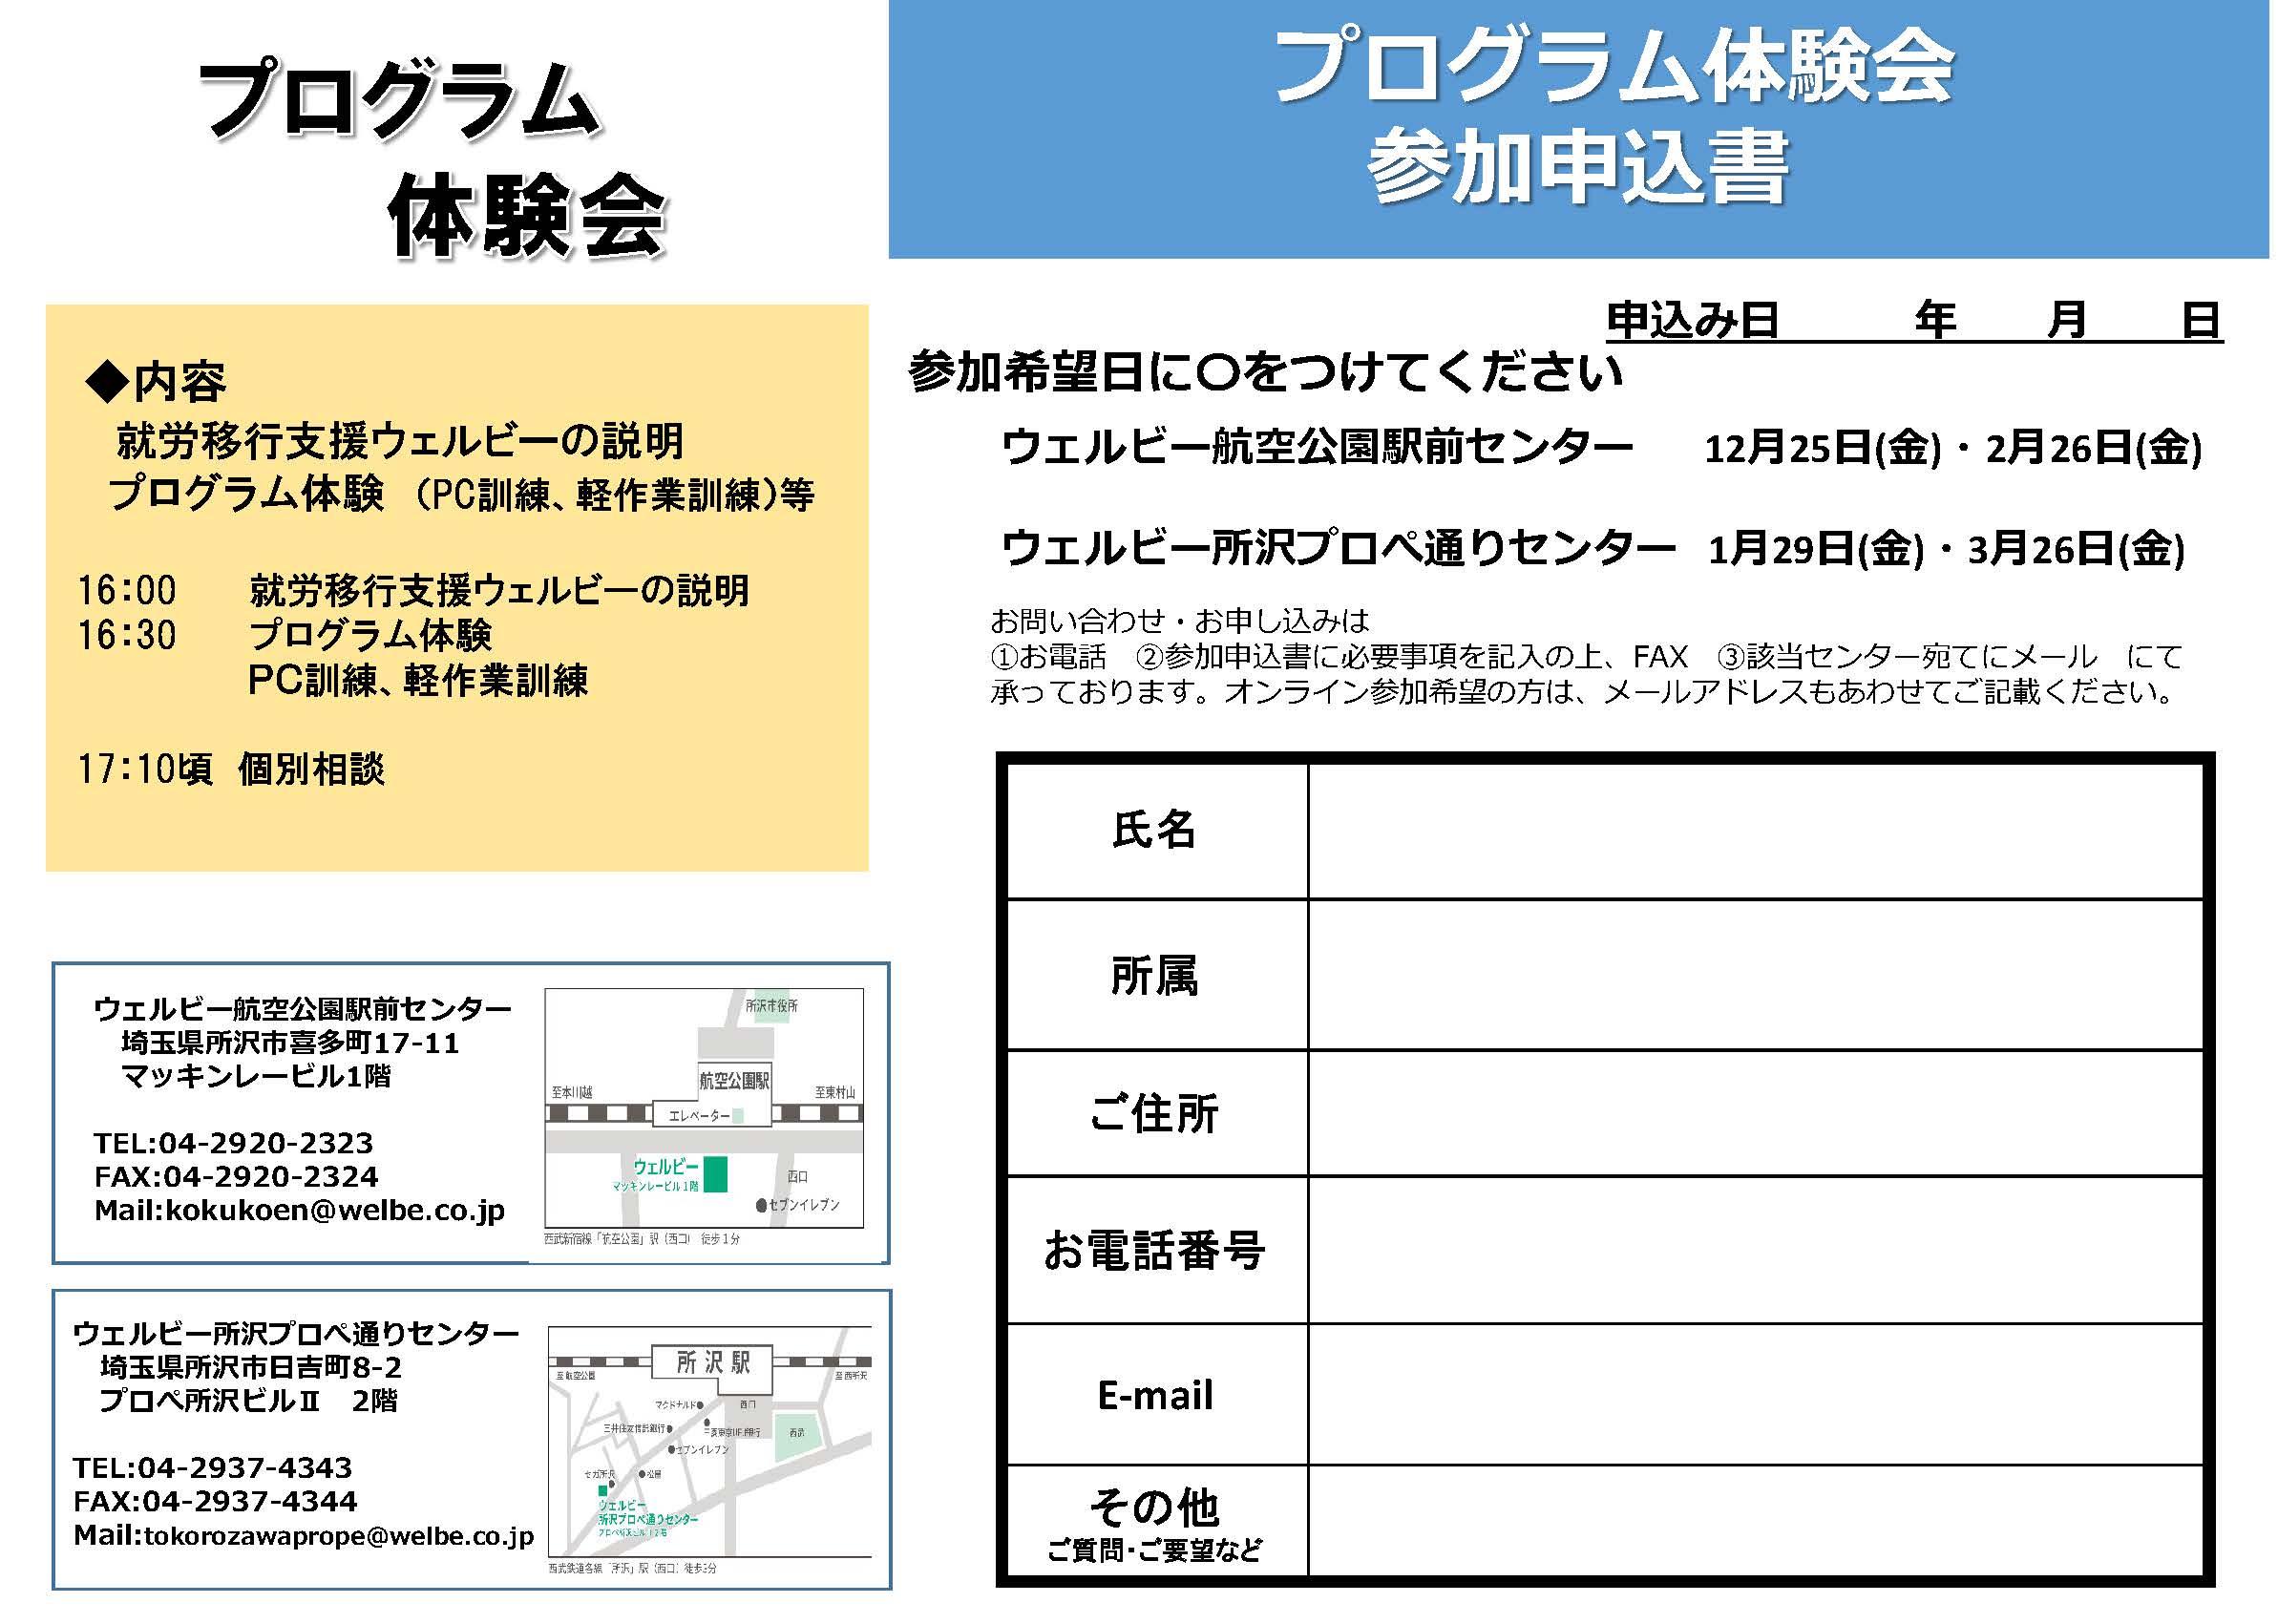 プログラム体験会_(2020年12月~2021年3月分)_ページ_2